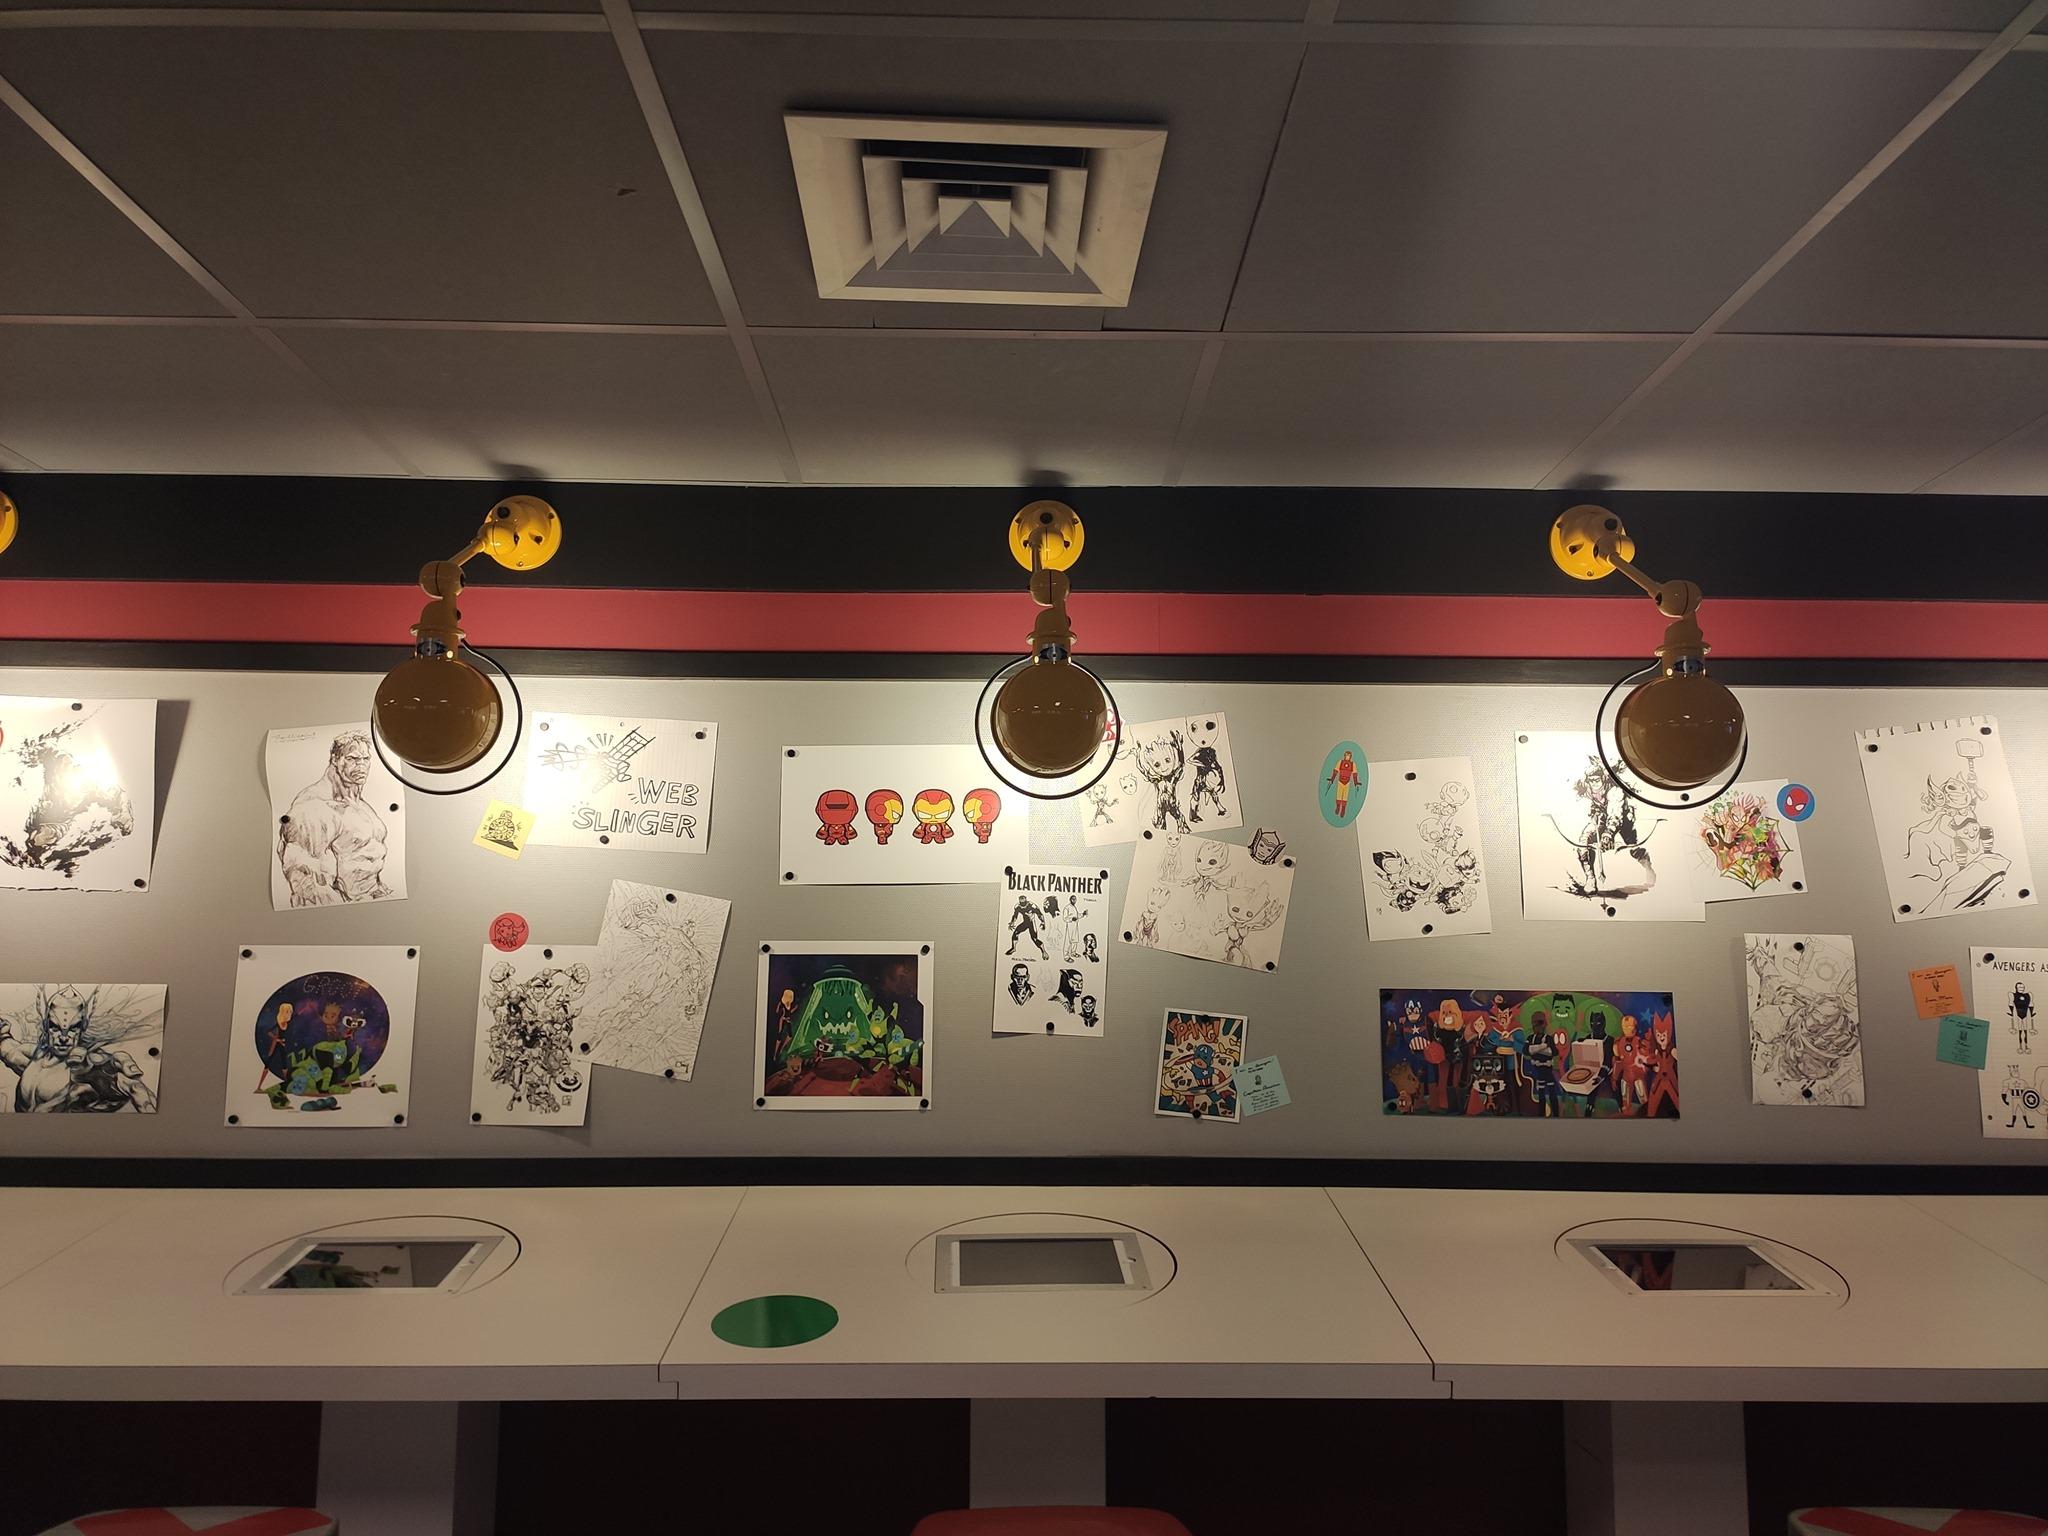 Marvel Design Studio - Disney's Hotel New York - The Art of Marvel